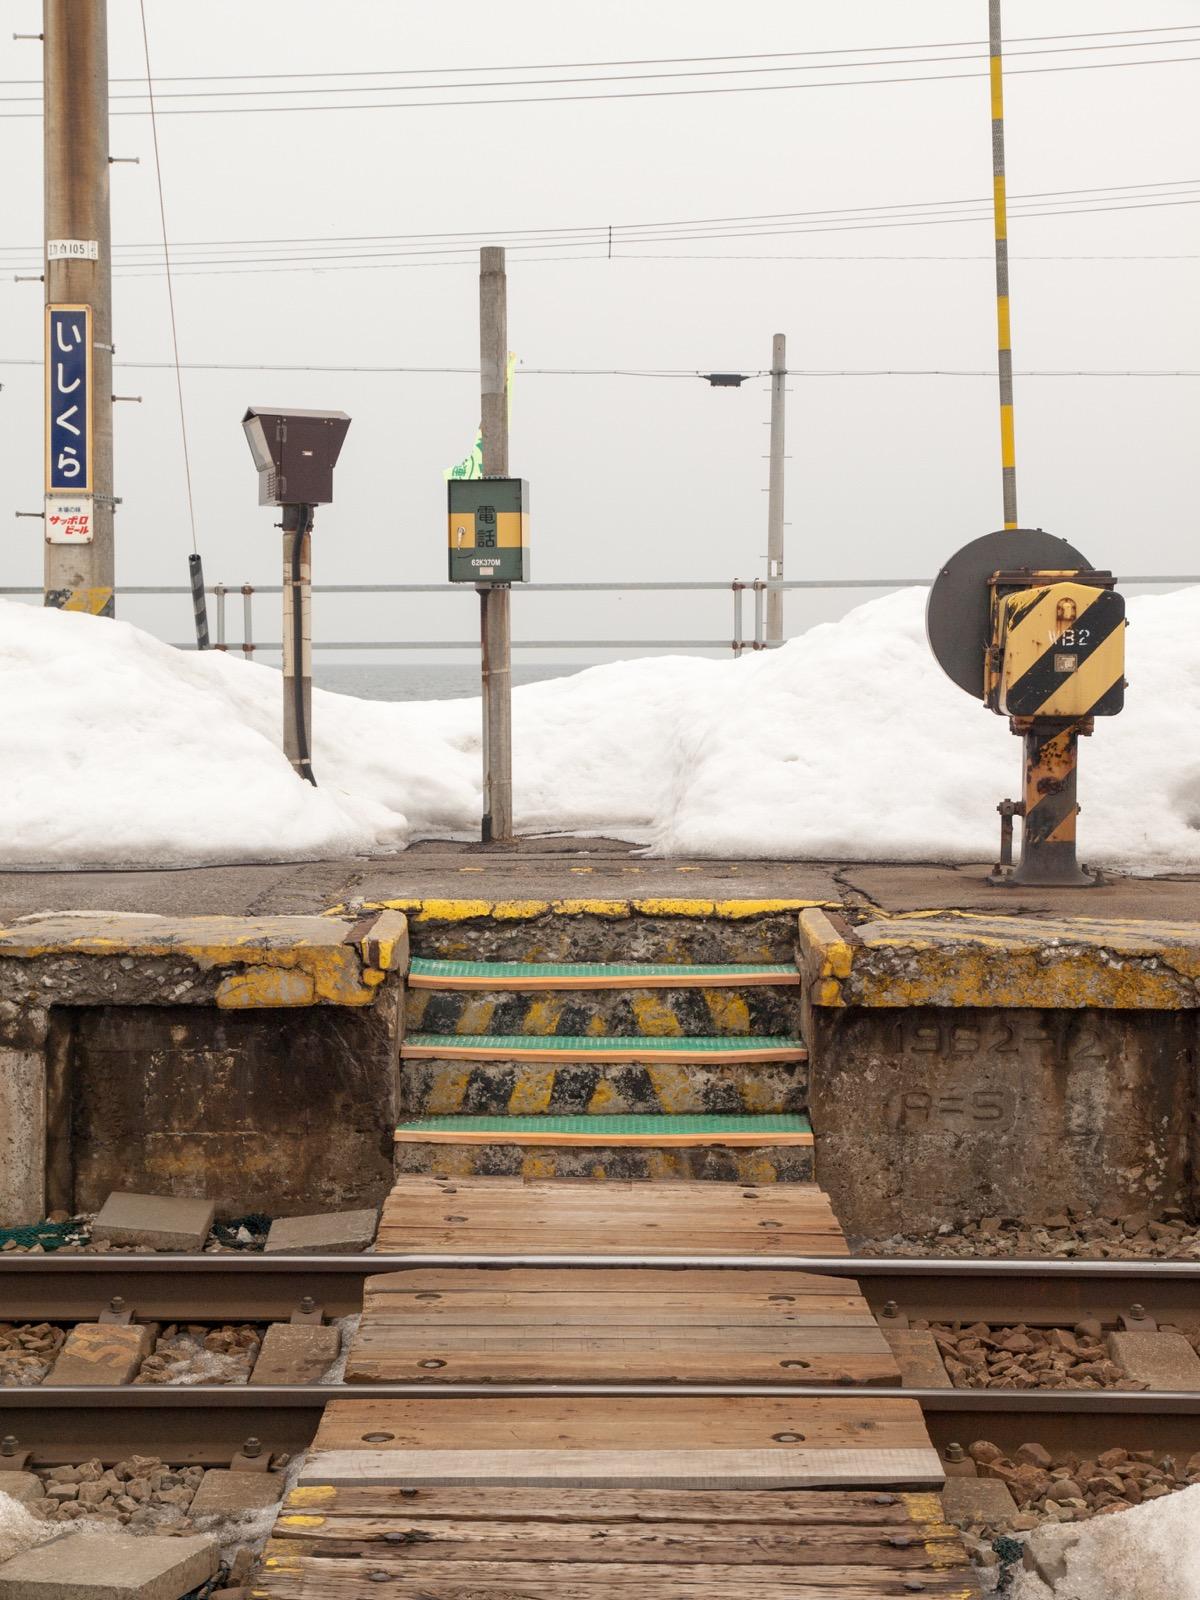 冬の石倉駅のホーム